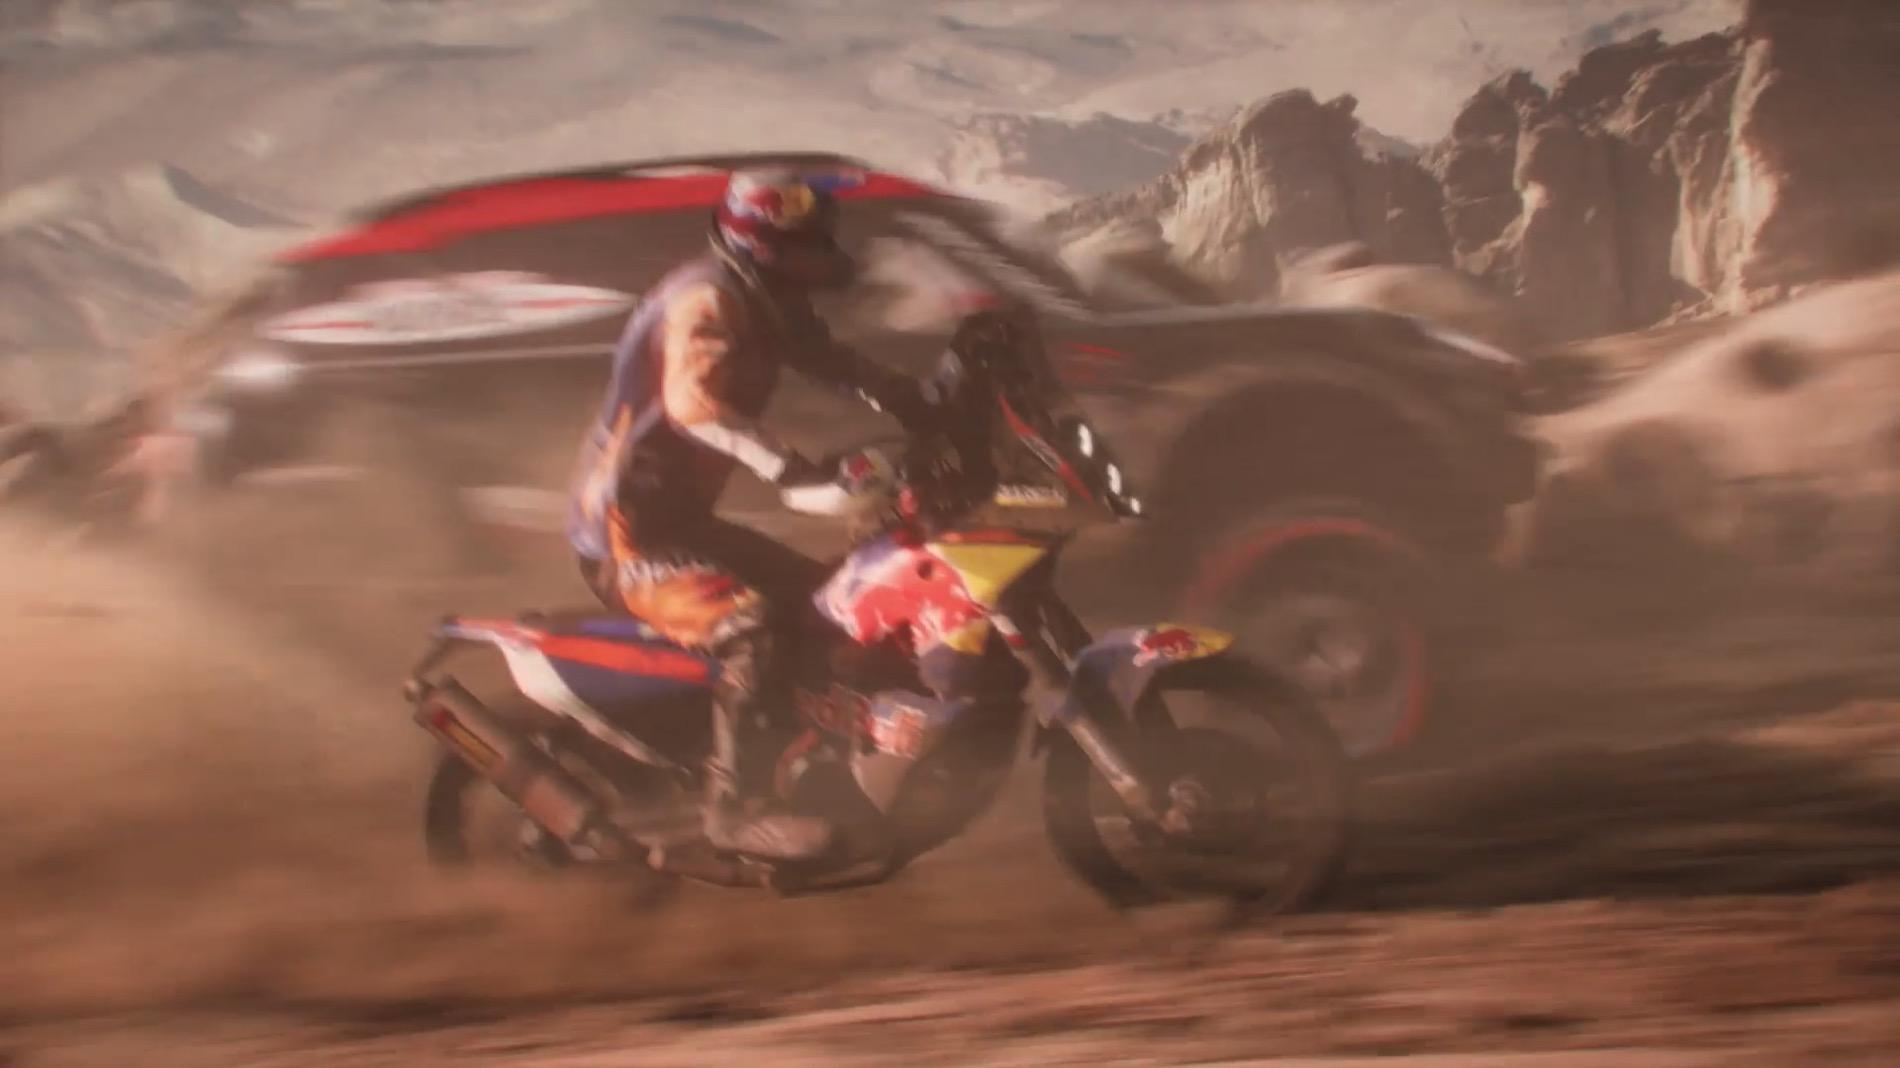 Dakar 18, vídeojuego del Dakar